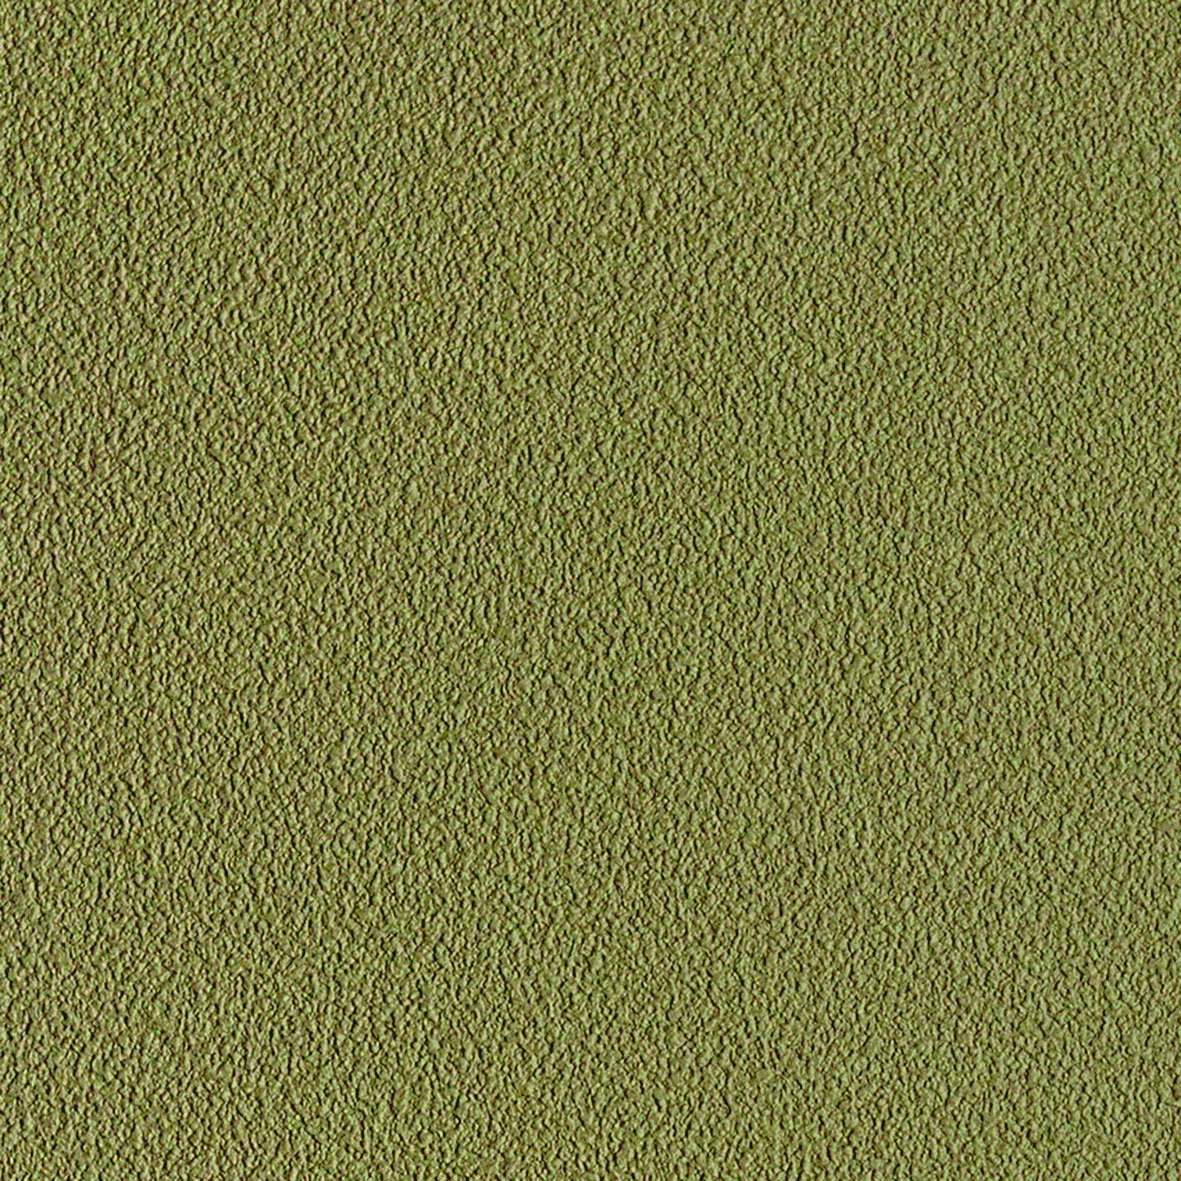 リリカラ 壁紙42m ナチュラル 石目調 グリーン LL-8283 B01MQFJ9BC 42m|グリーン3